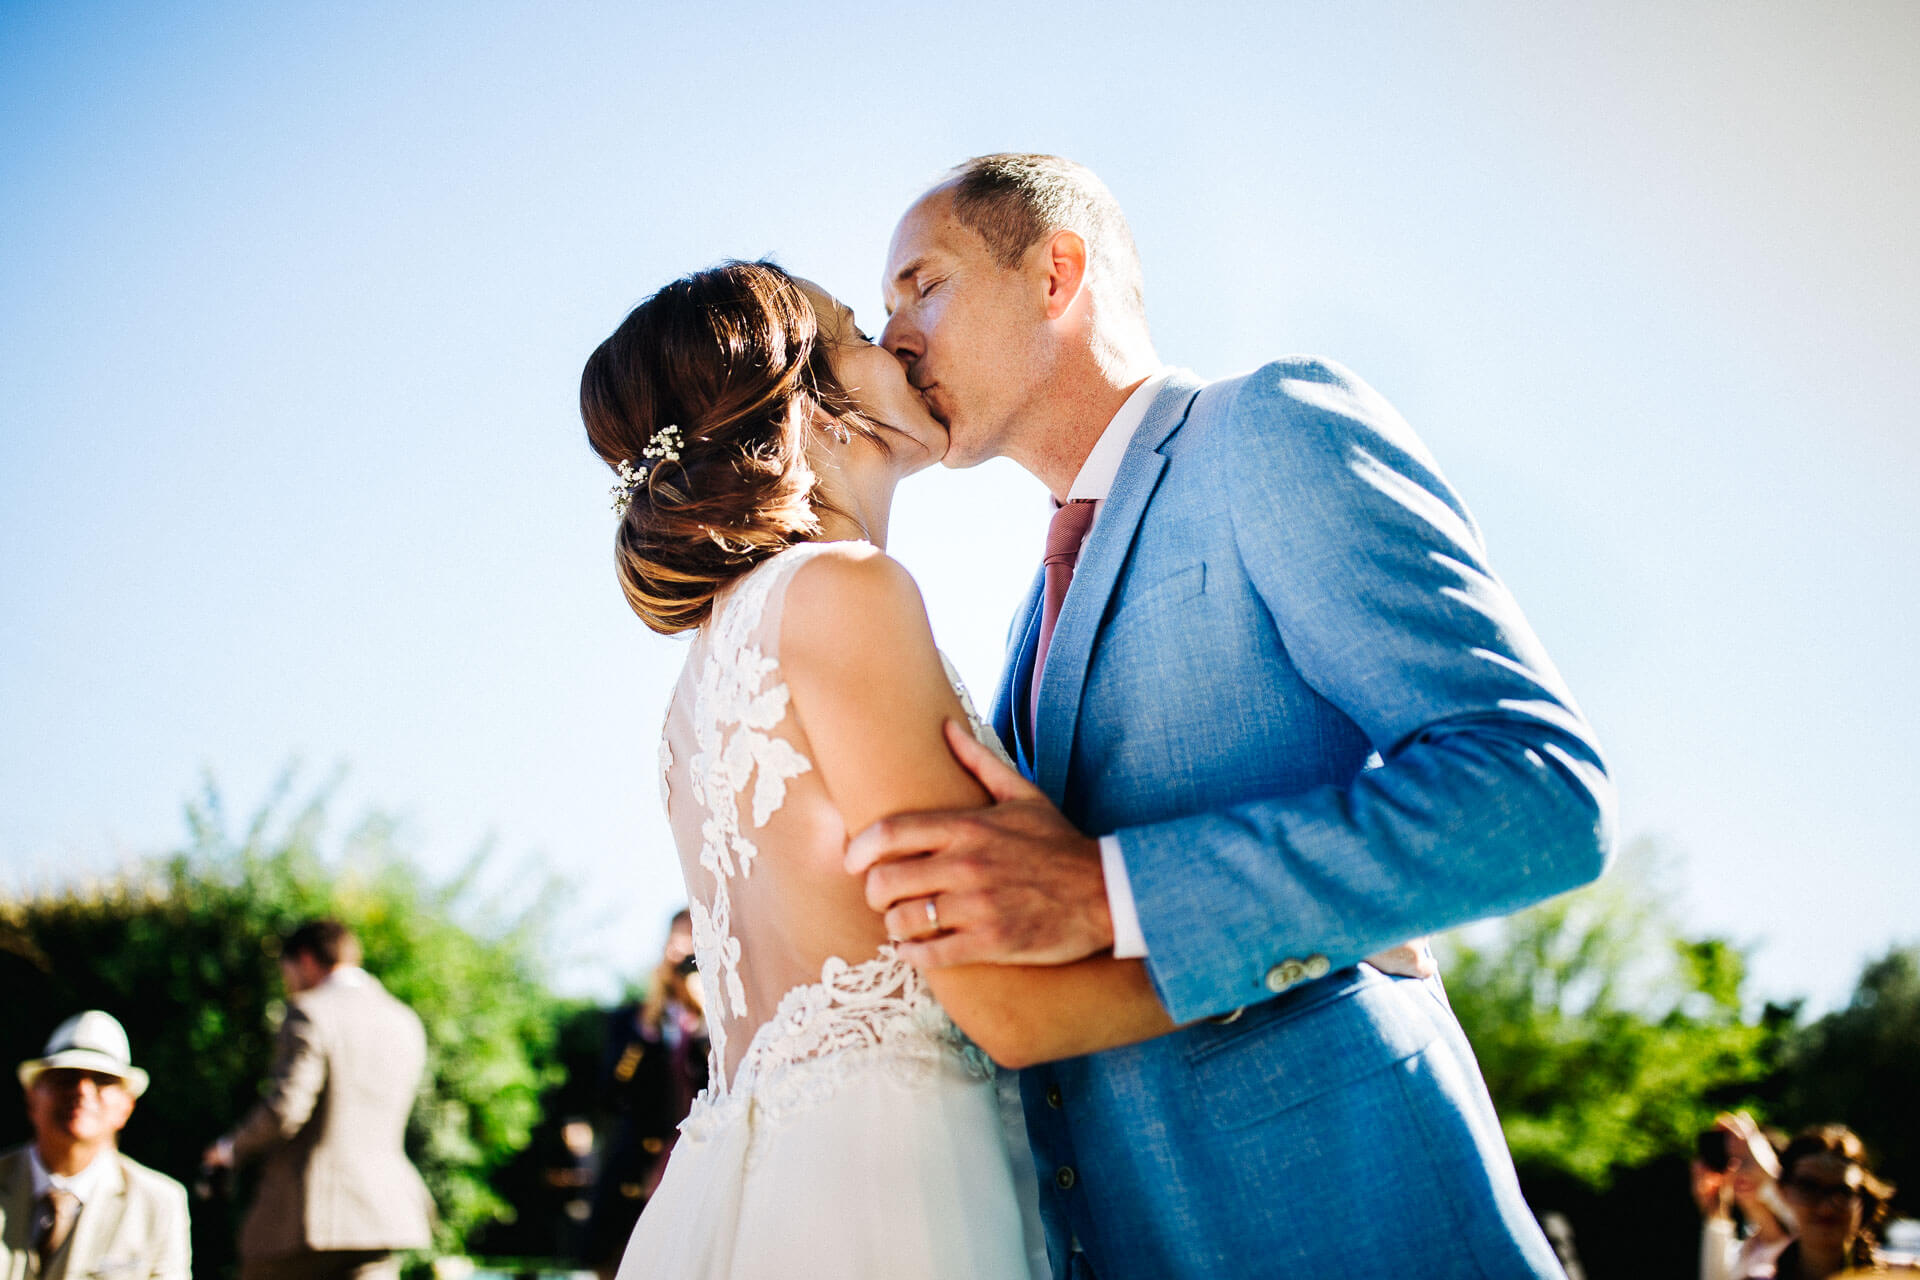 photographe-mariage-provence-34